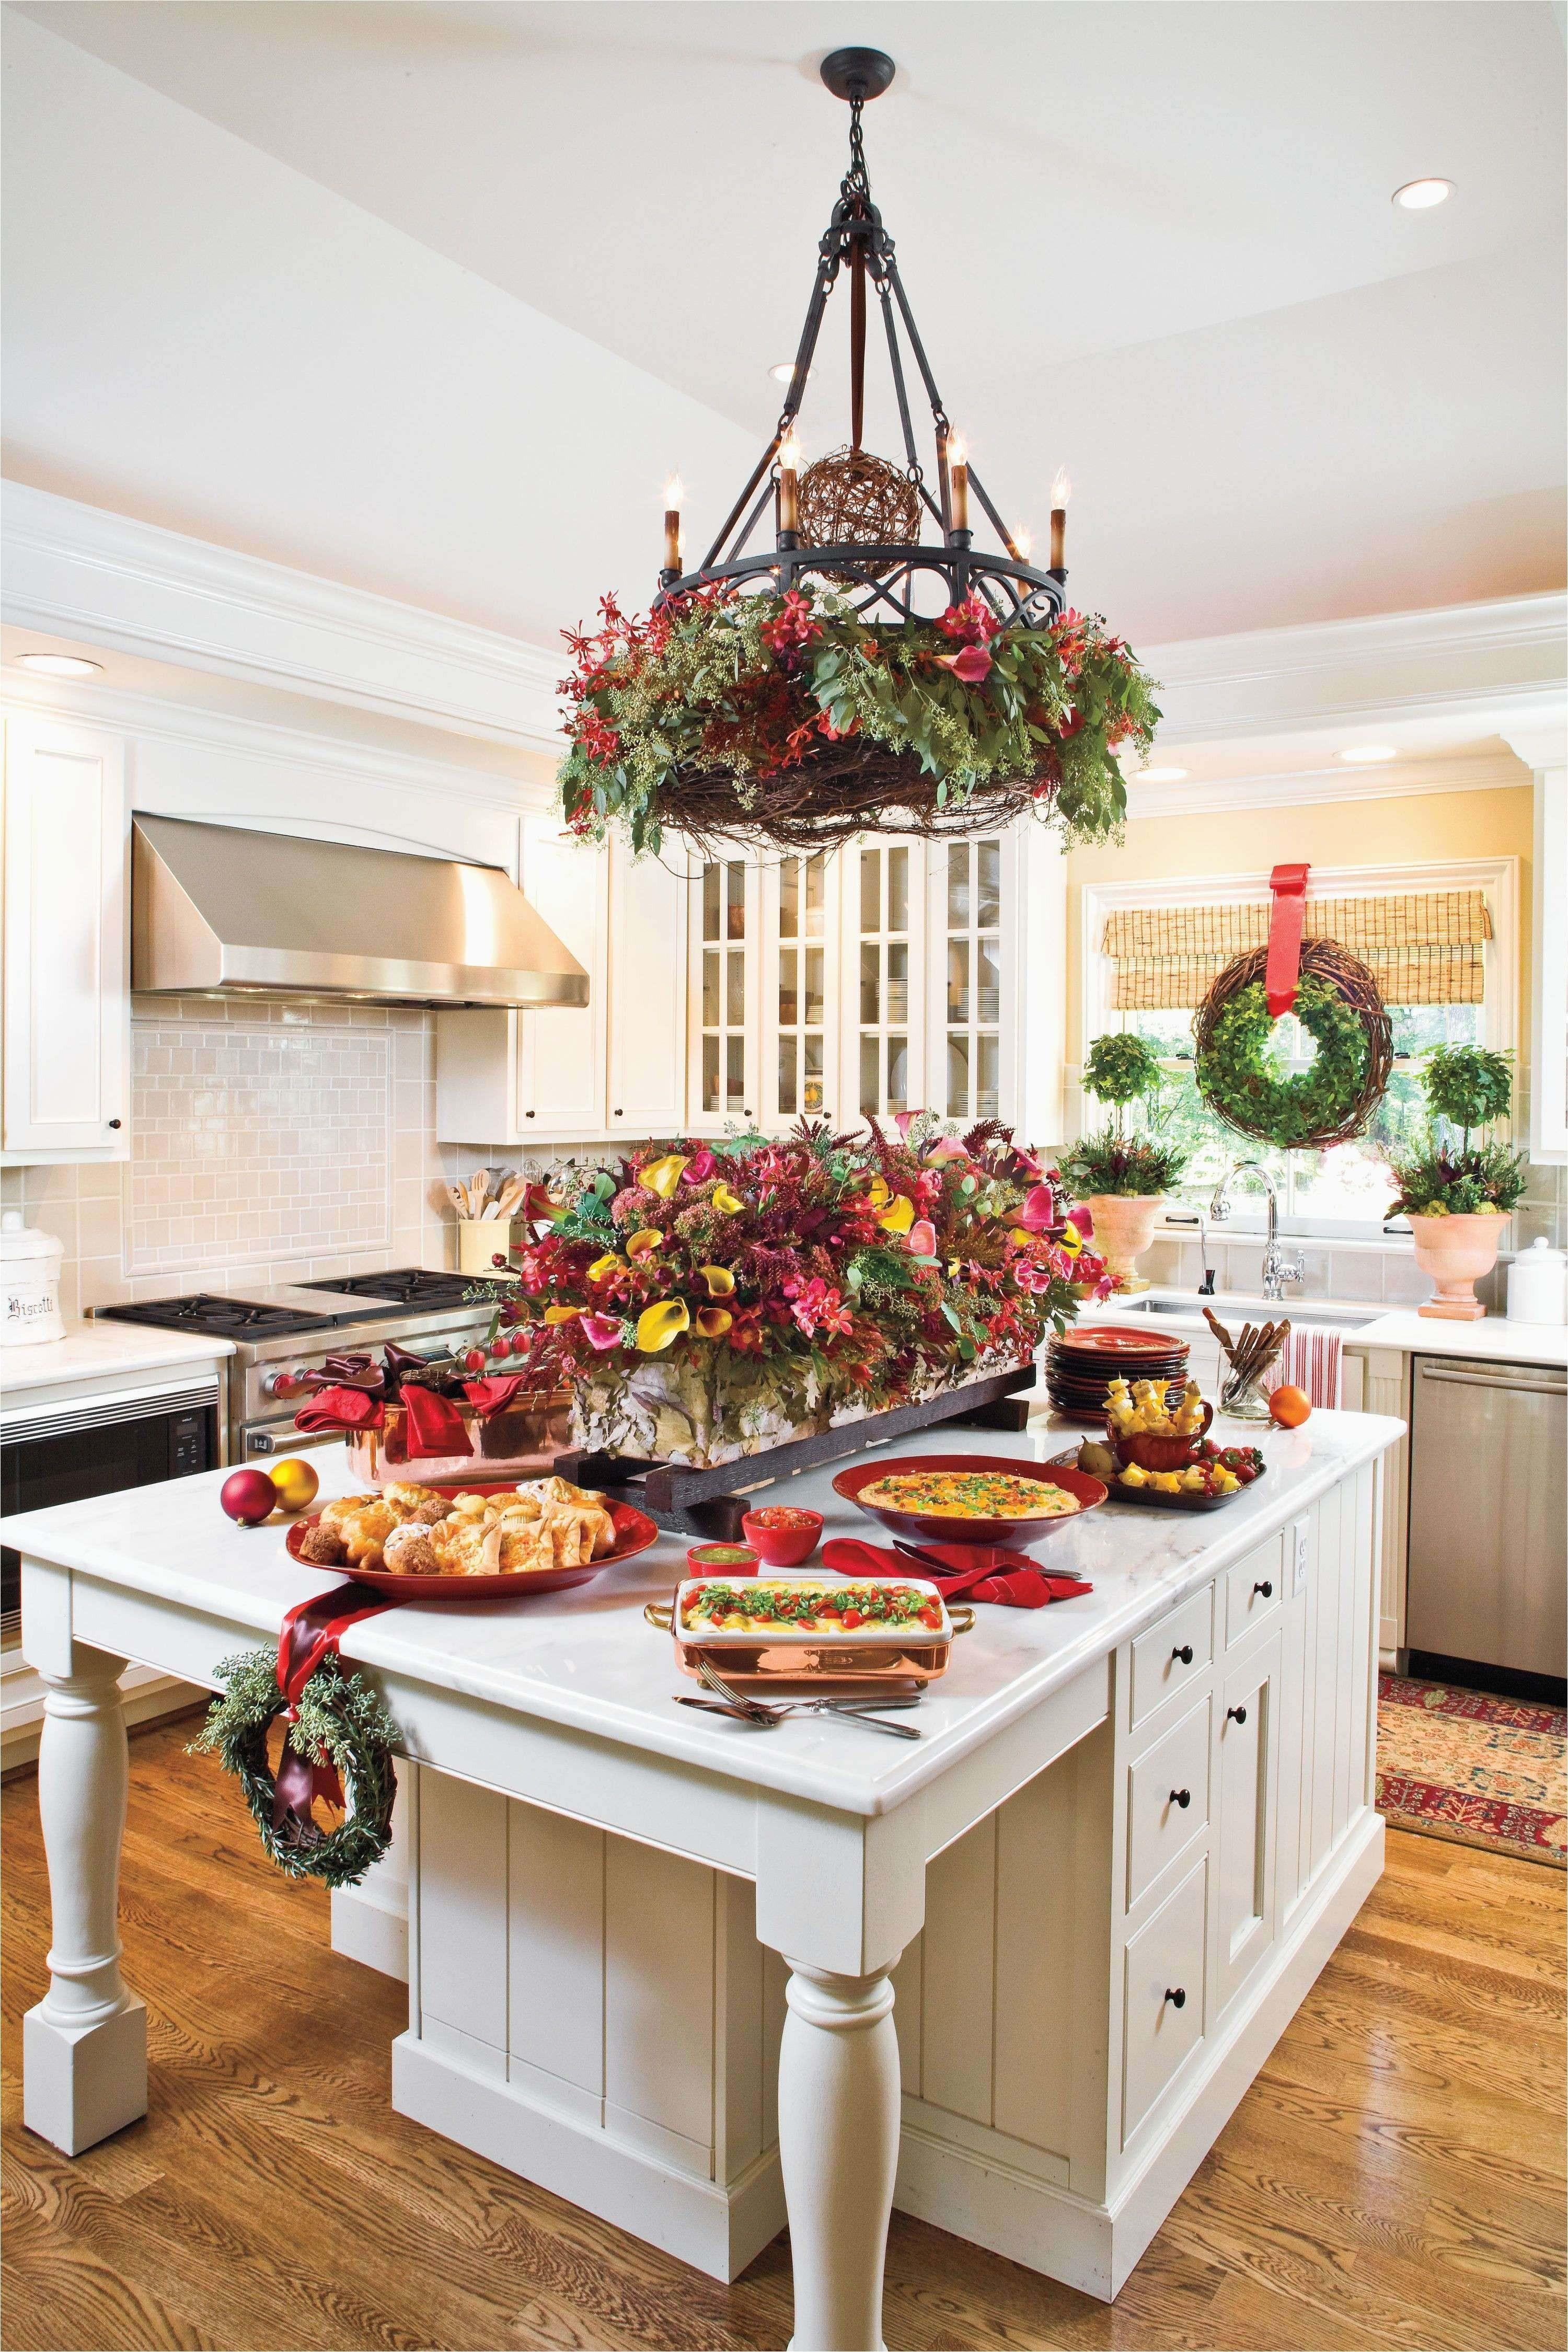 Window Color Malvorlagen Weihnachten Kostenlos Das Beste Von Malvorlagen Weihnachten Kostenlos Bilder